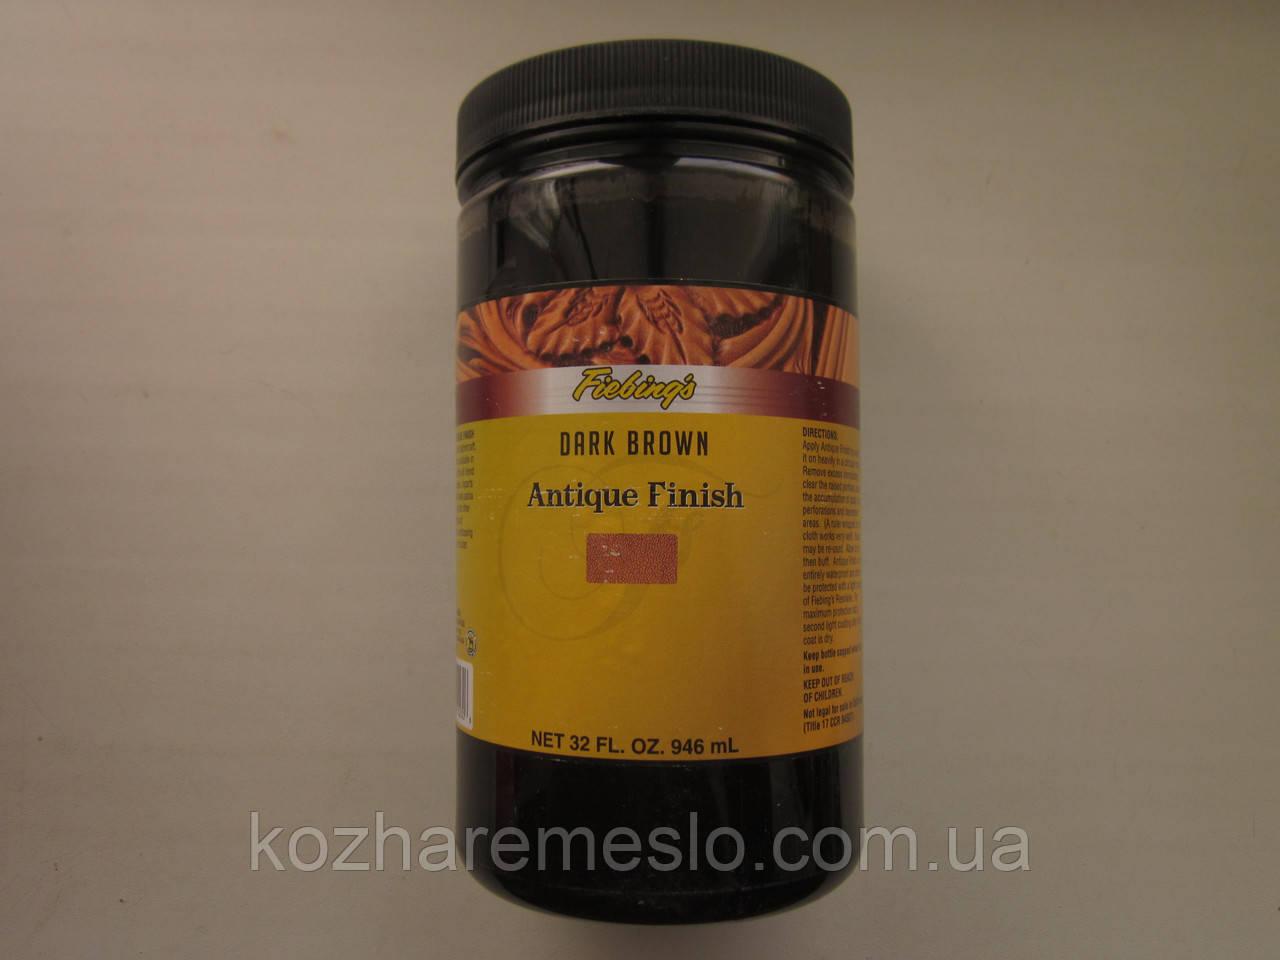 Антик - финиш FIEBING'S для кожи 100 гр средне - коричневый (не фирменная упаковка)